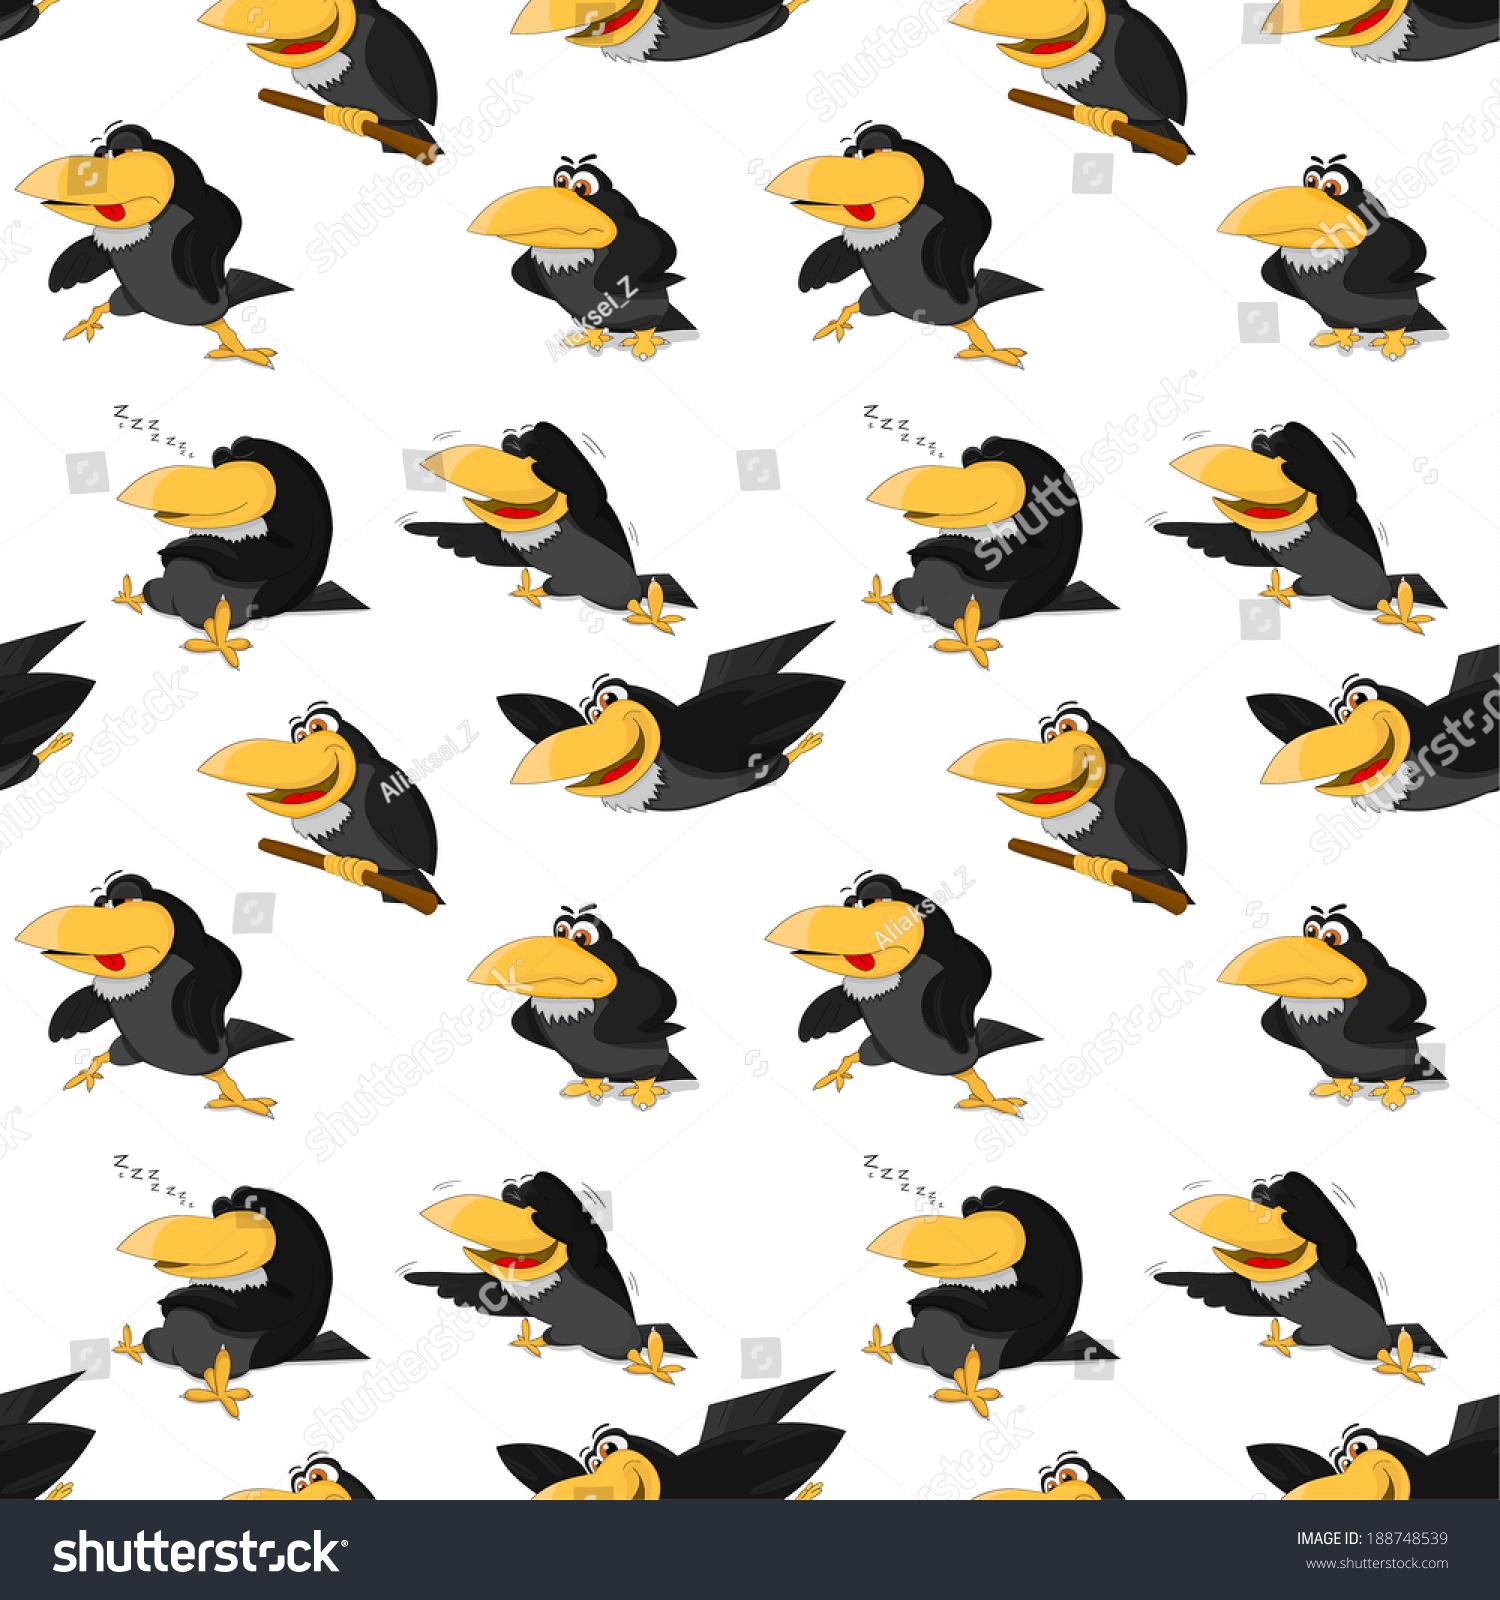 可爱的卡通乌鸦纹理-动物/野生生物